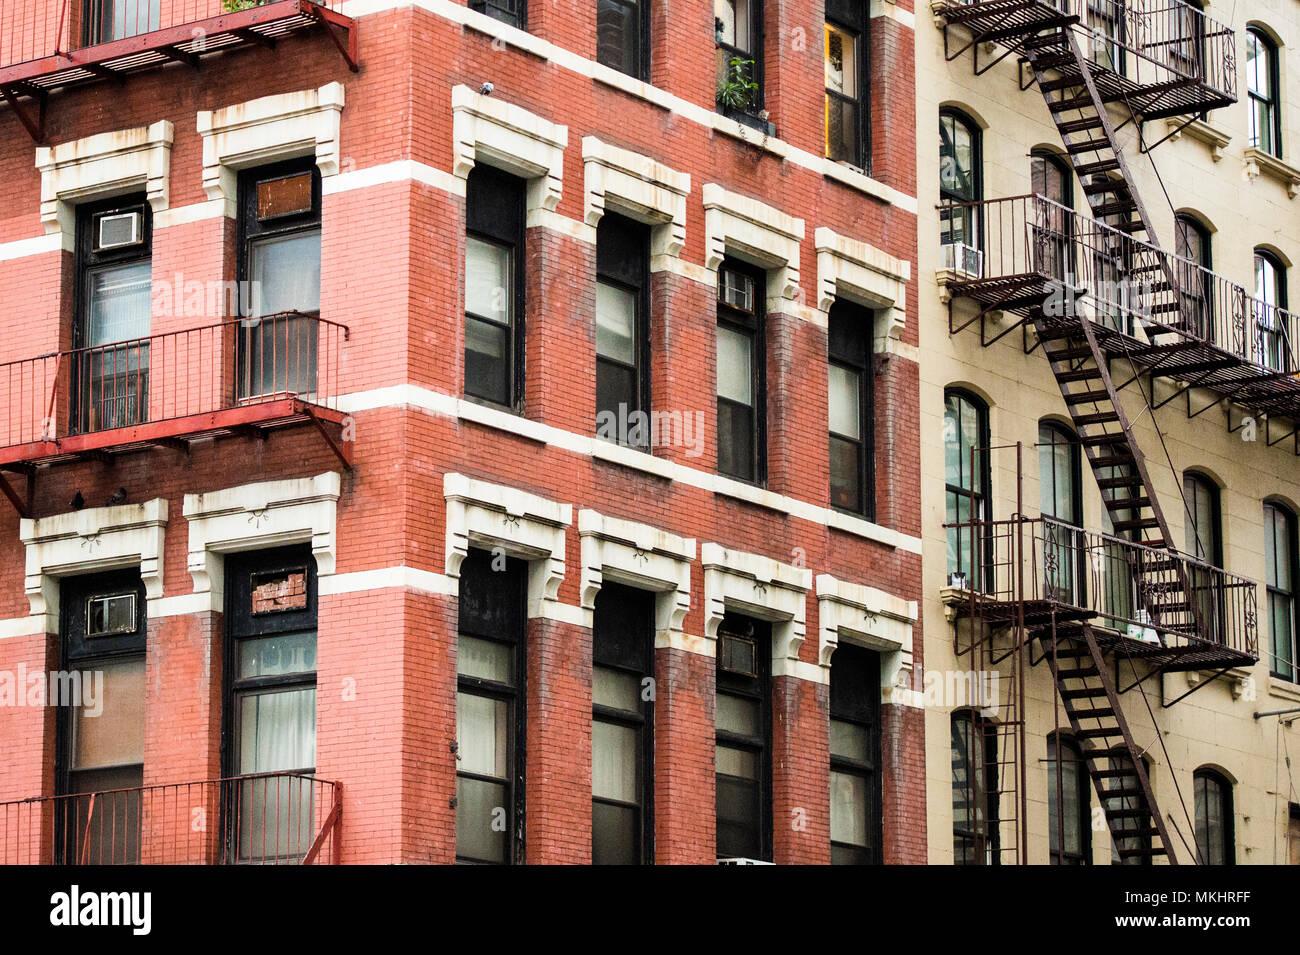 Vista ravvicinata di New York City Style appartamento edifici con scale di emergenza lungo Mott Street nel quartiere di Chinatown di Manhattan NYC. Immagini Stock